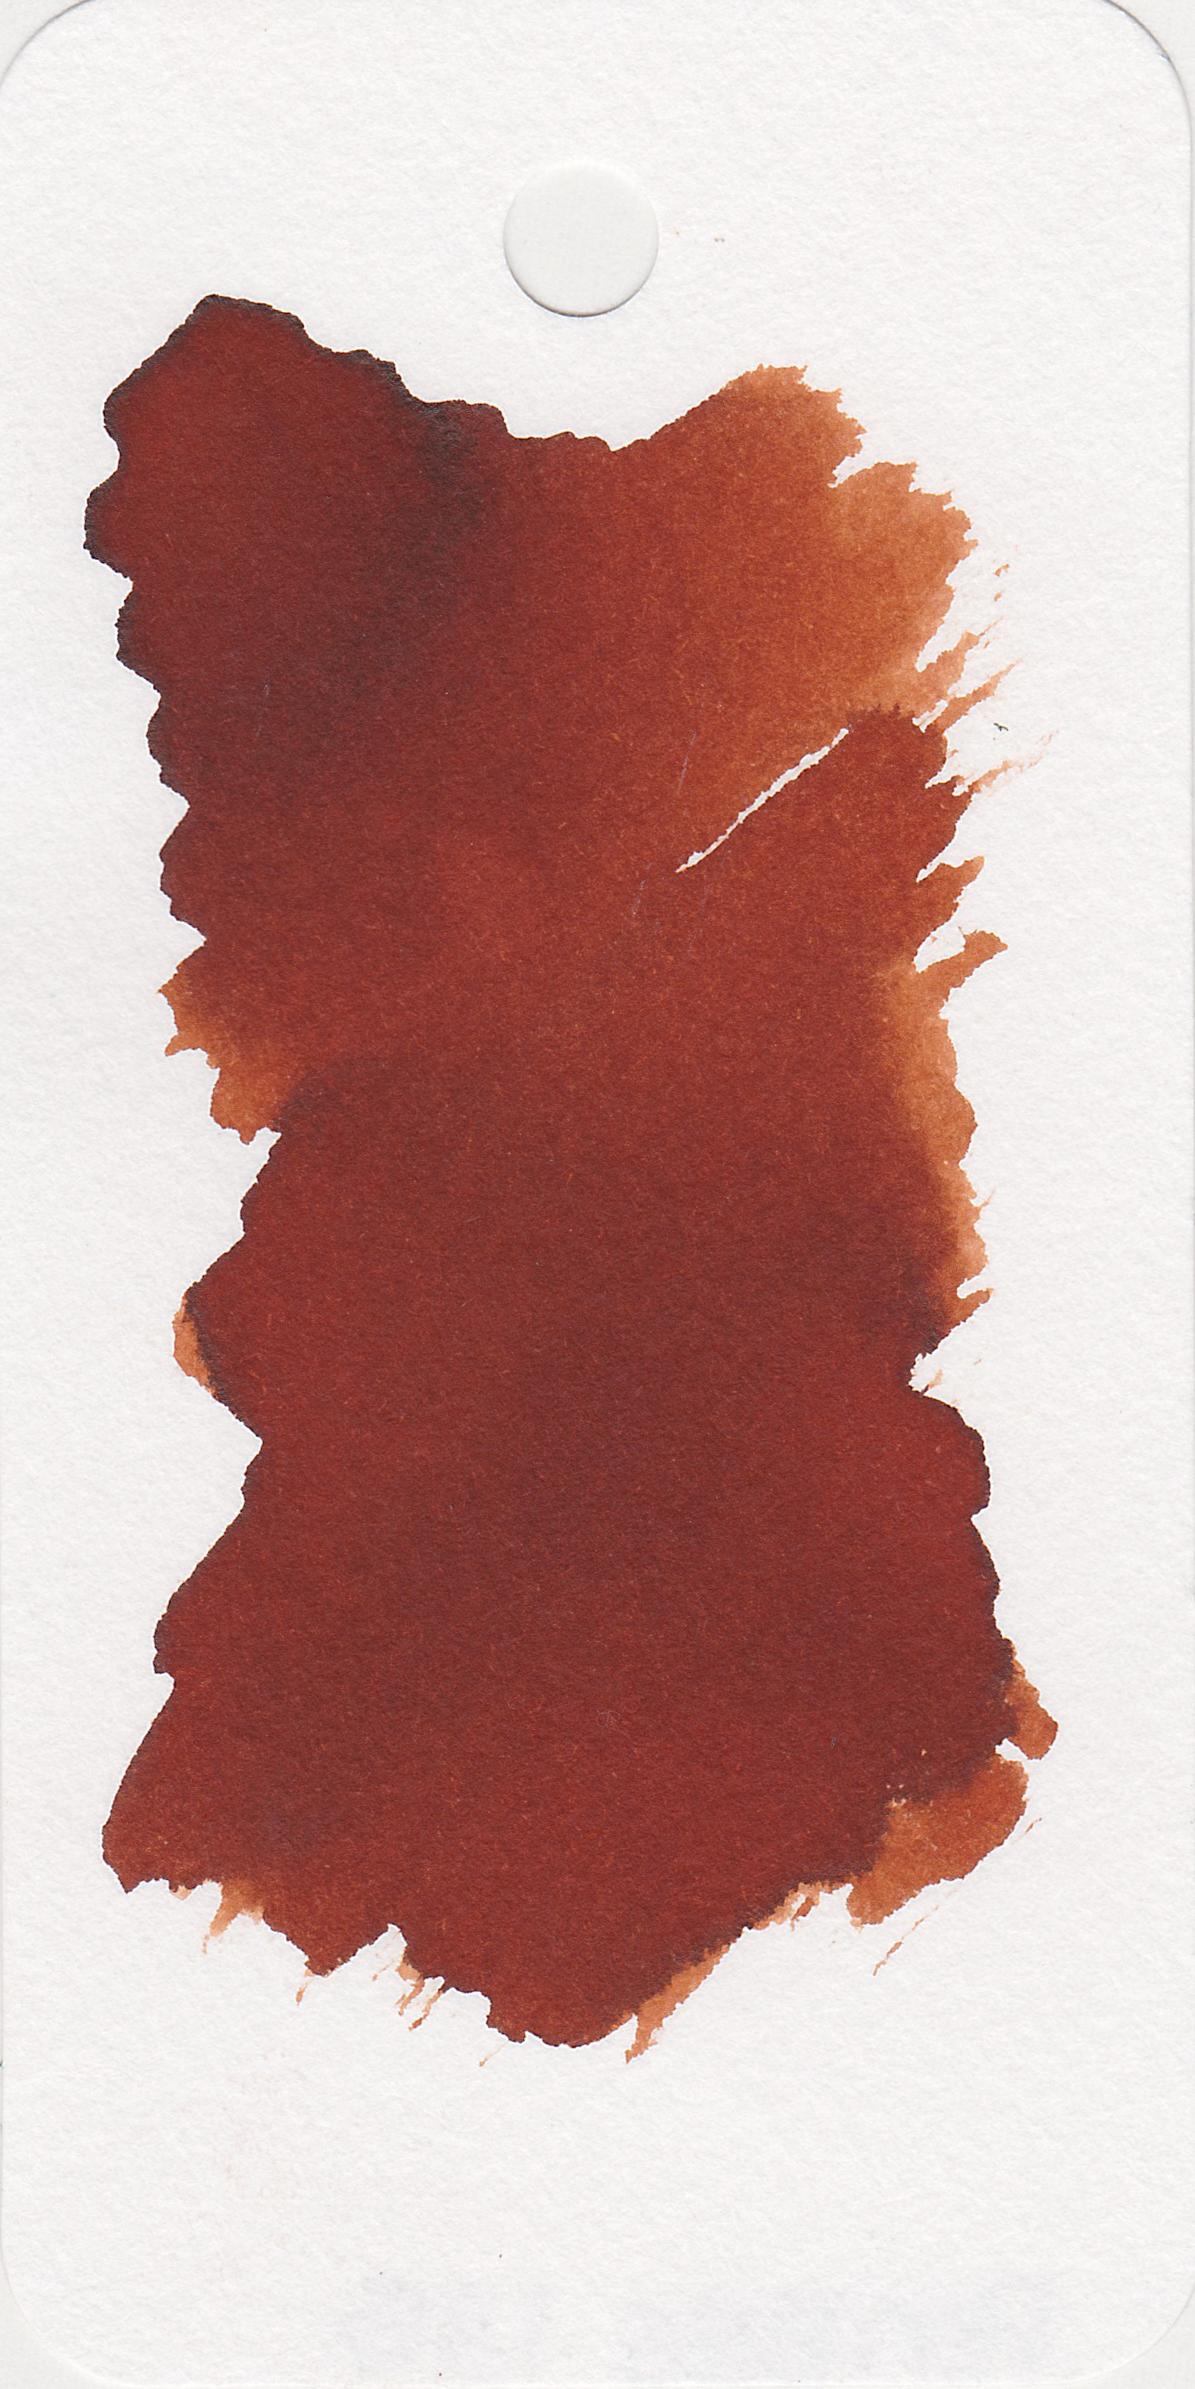 mv-copper-noir-3.jpg